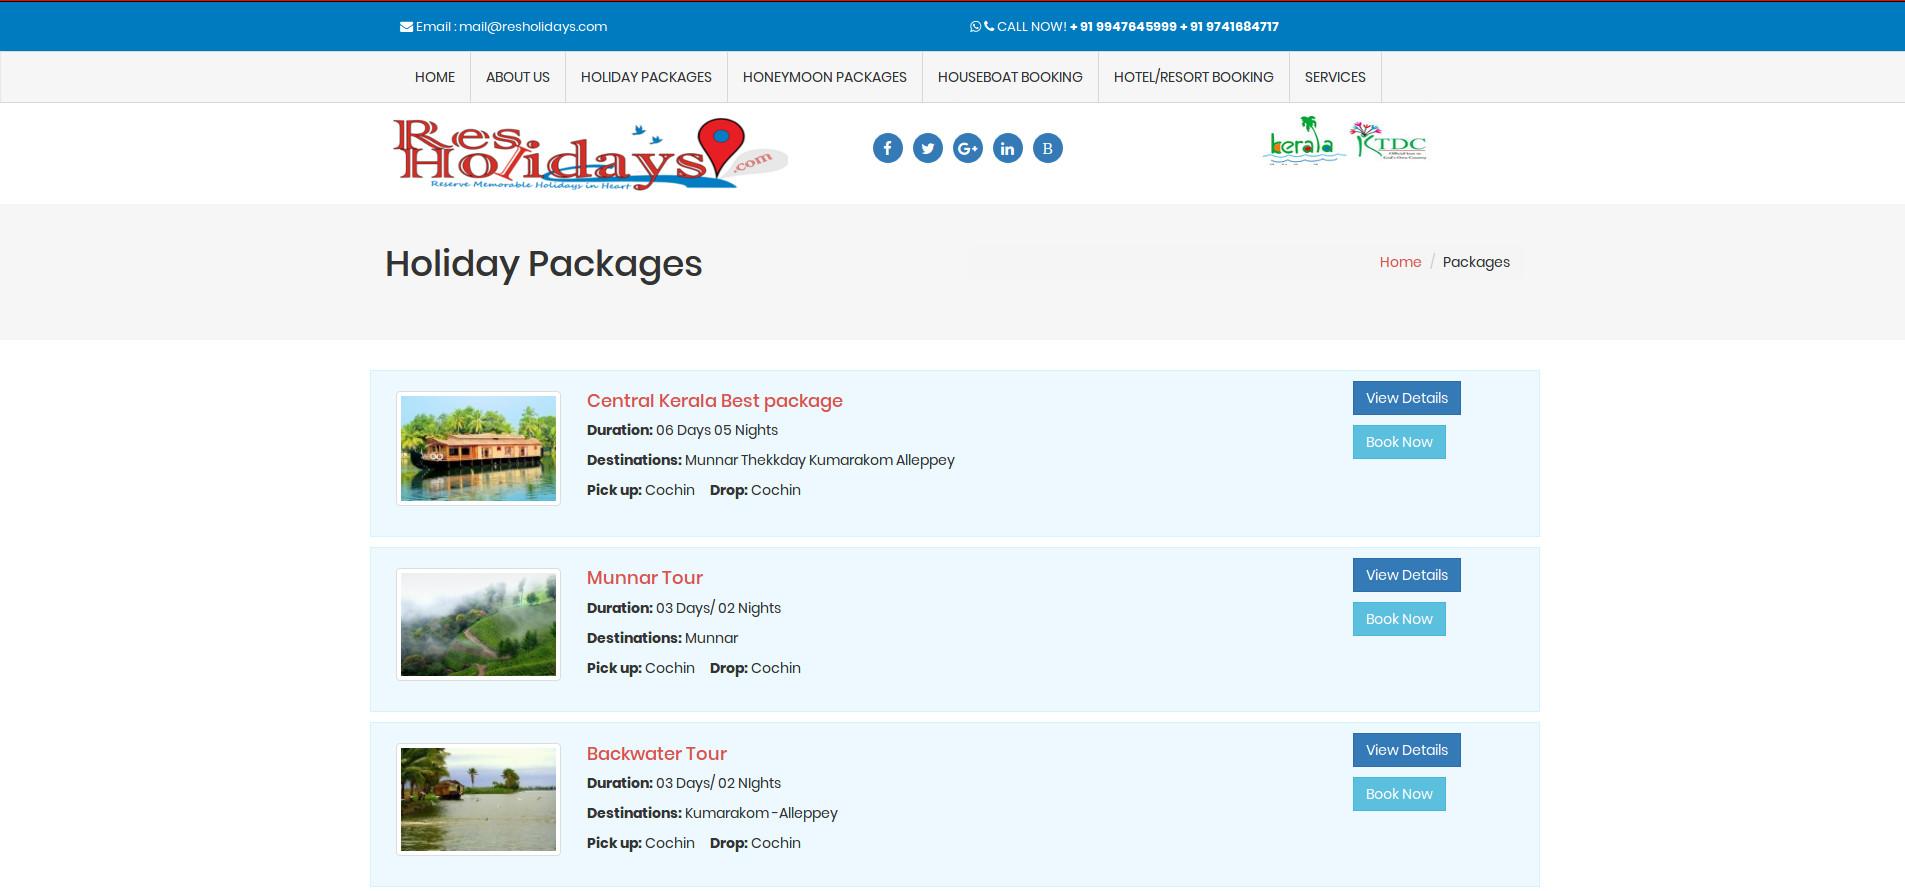 Res Holidays travel company